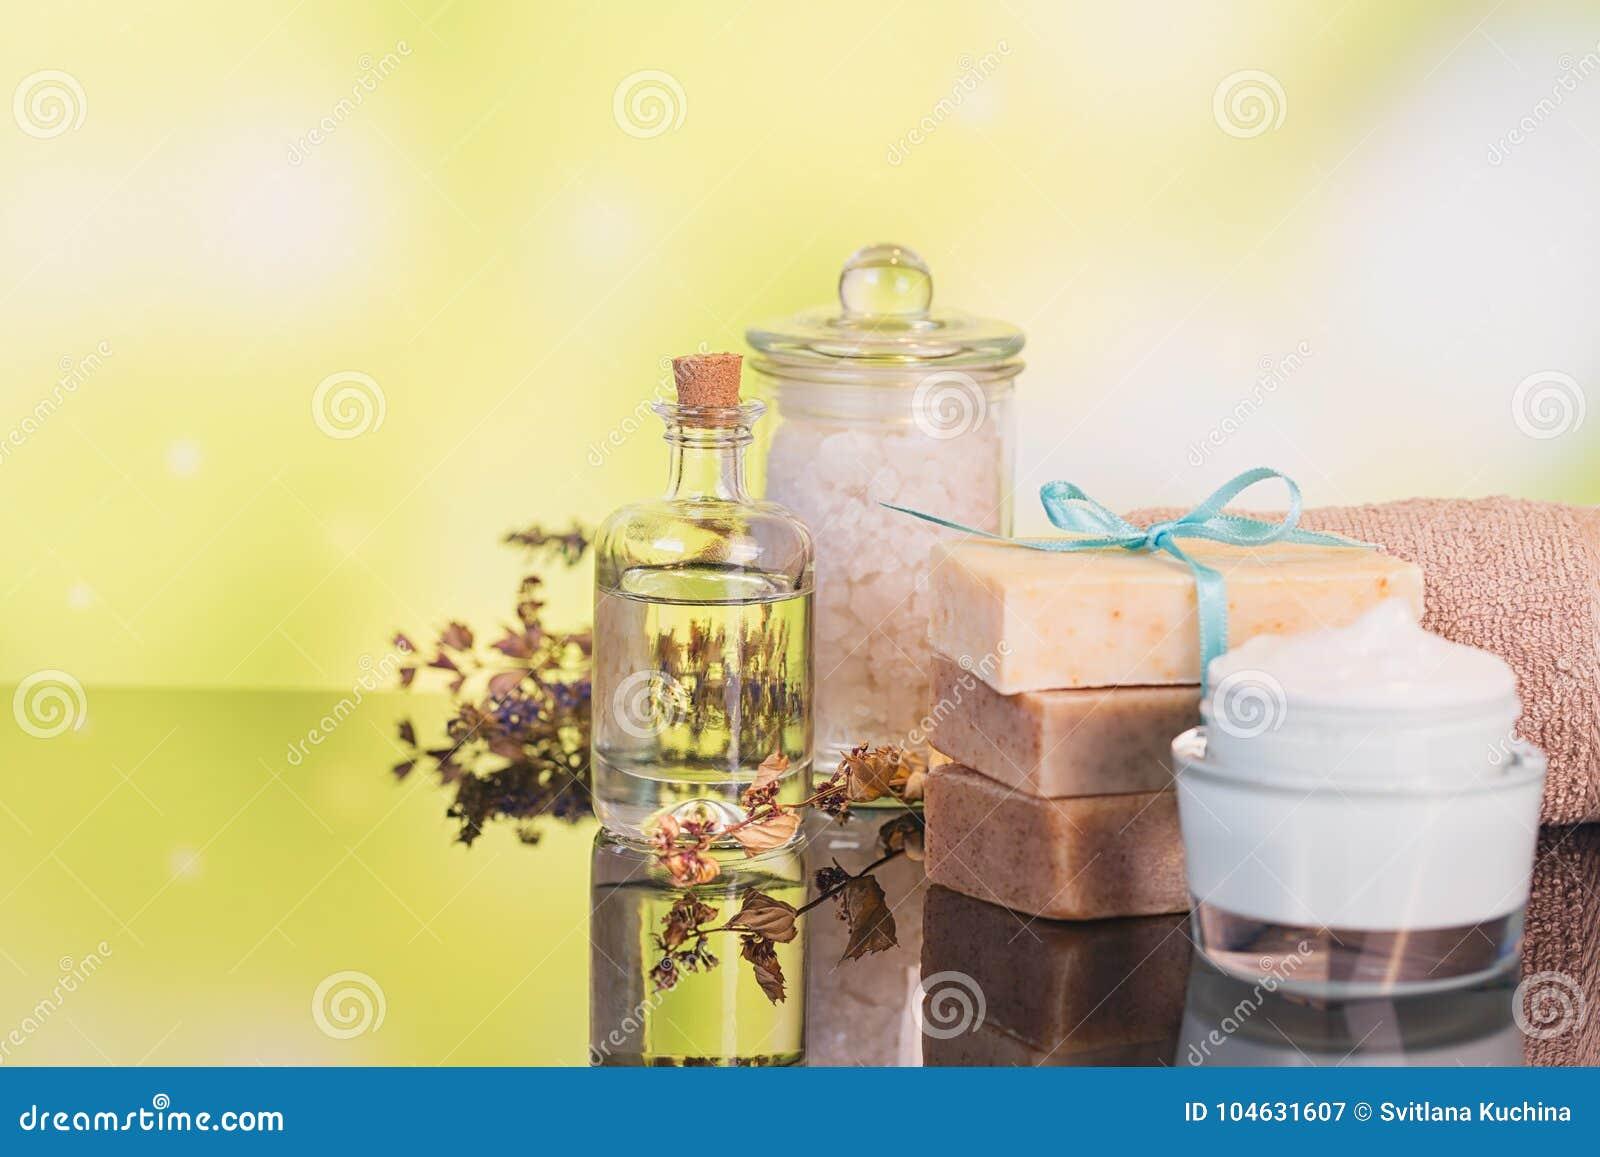 Download Kuuroordproducten Voor Gezichts En Lichaamsverzorging Stock Afbeelding - Afbeelding bestaande uit concept, kruiden: 104631607